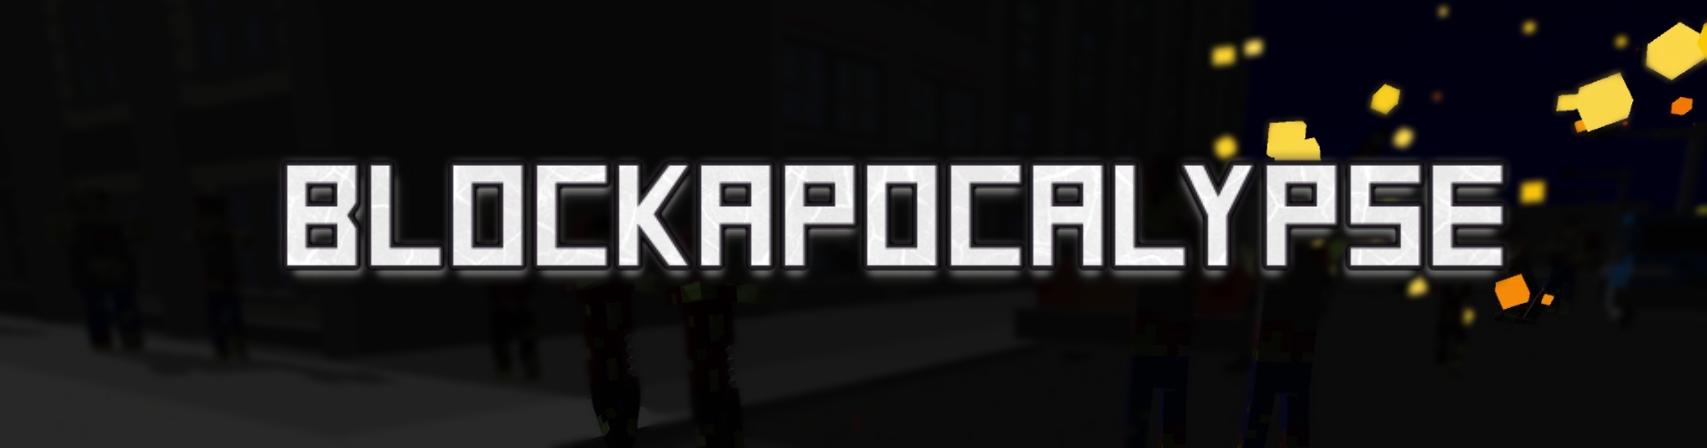 Blockapocalypse